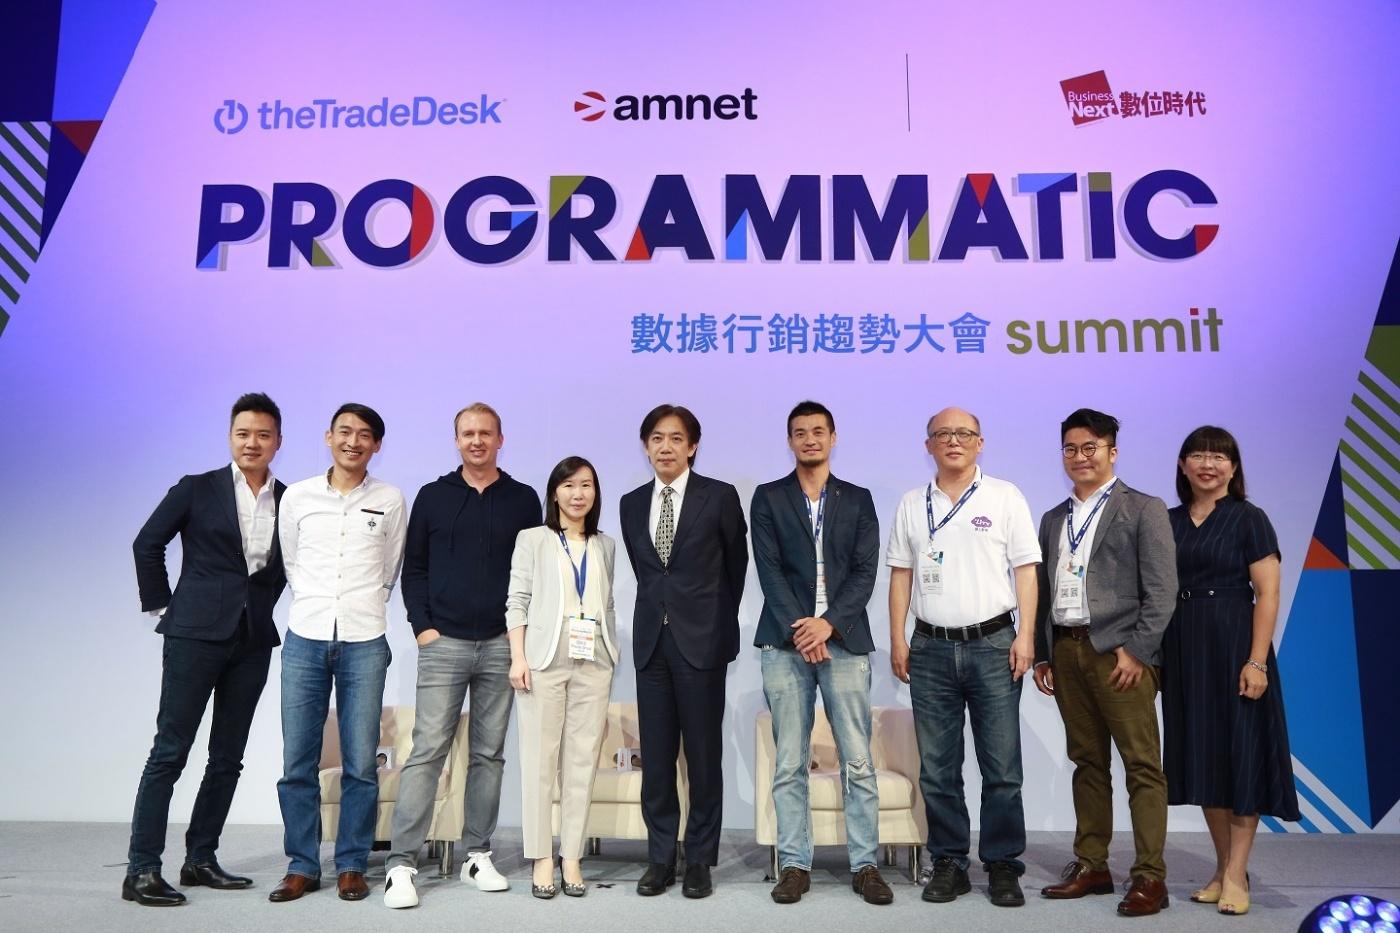 比美國還快,台灣數位行銷將由程序化購買技術主導!